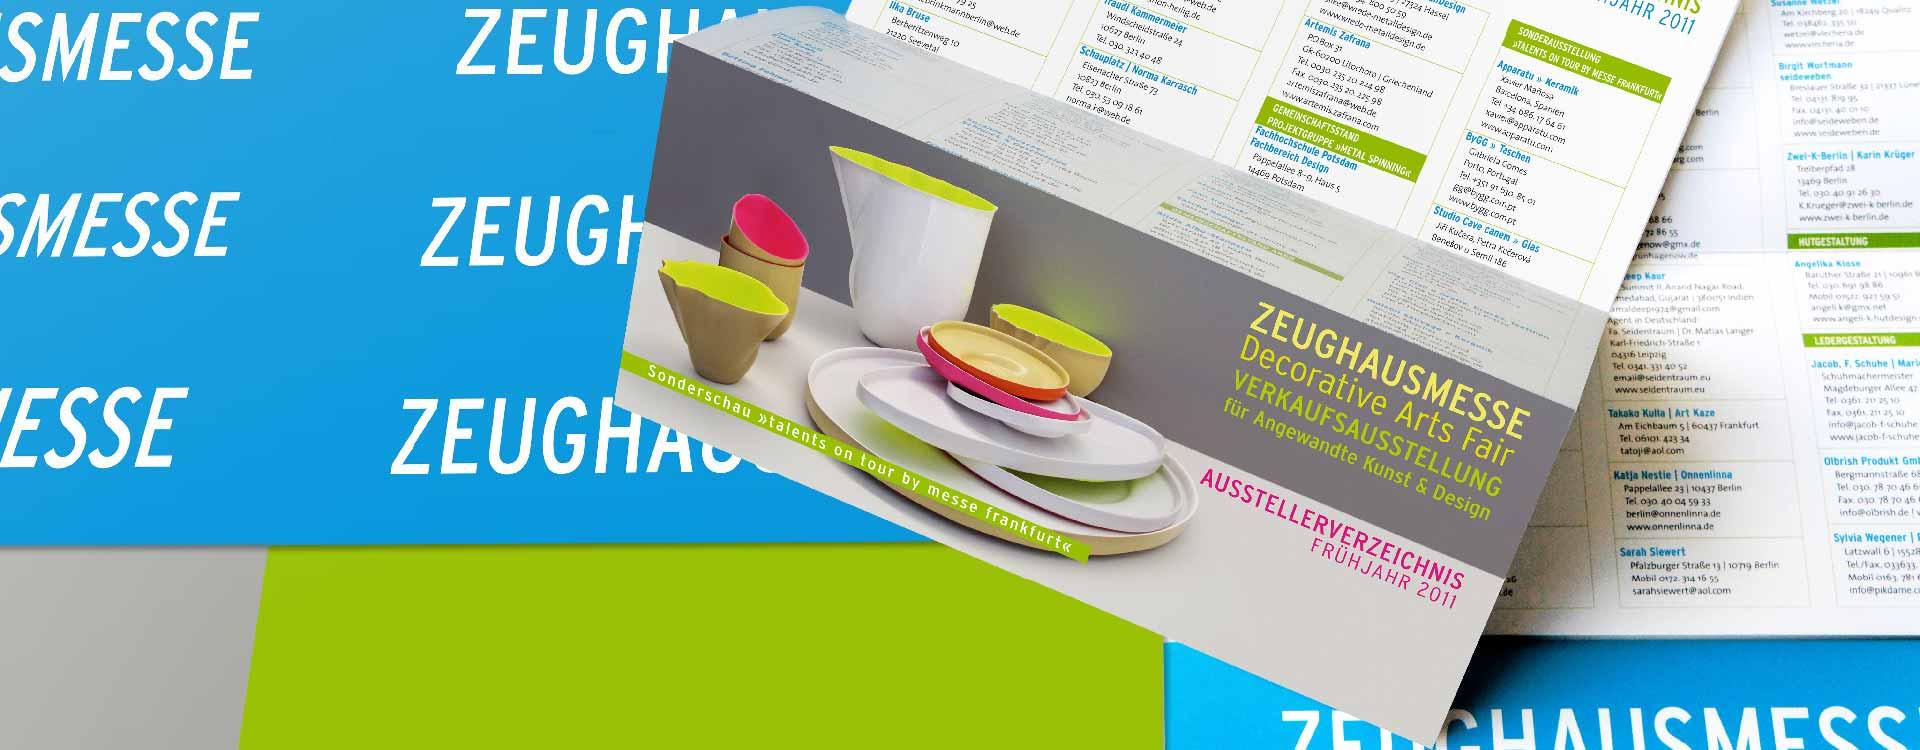 Flyer for Zeughausmesse; Design: Kattrin Richter | Graphic Design Studio